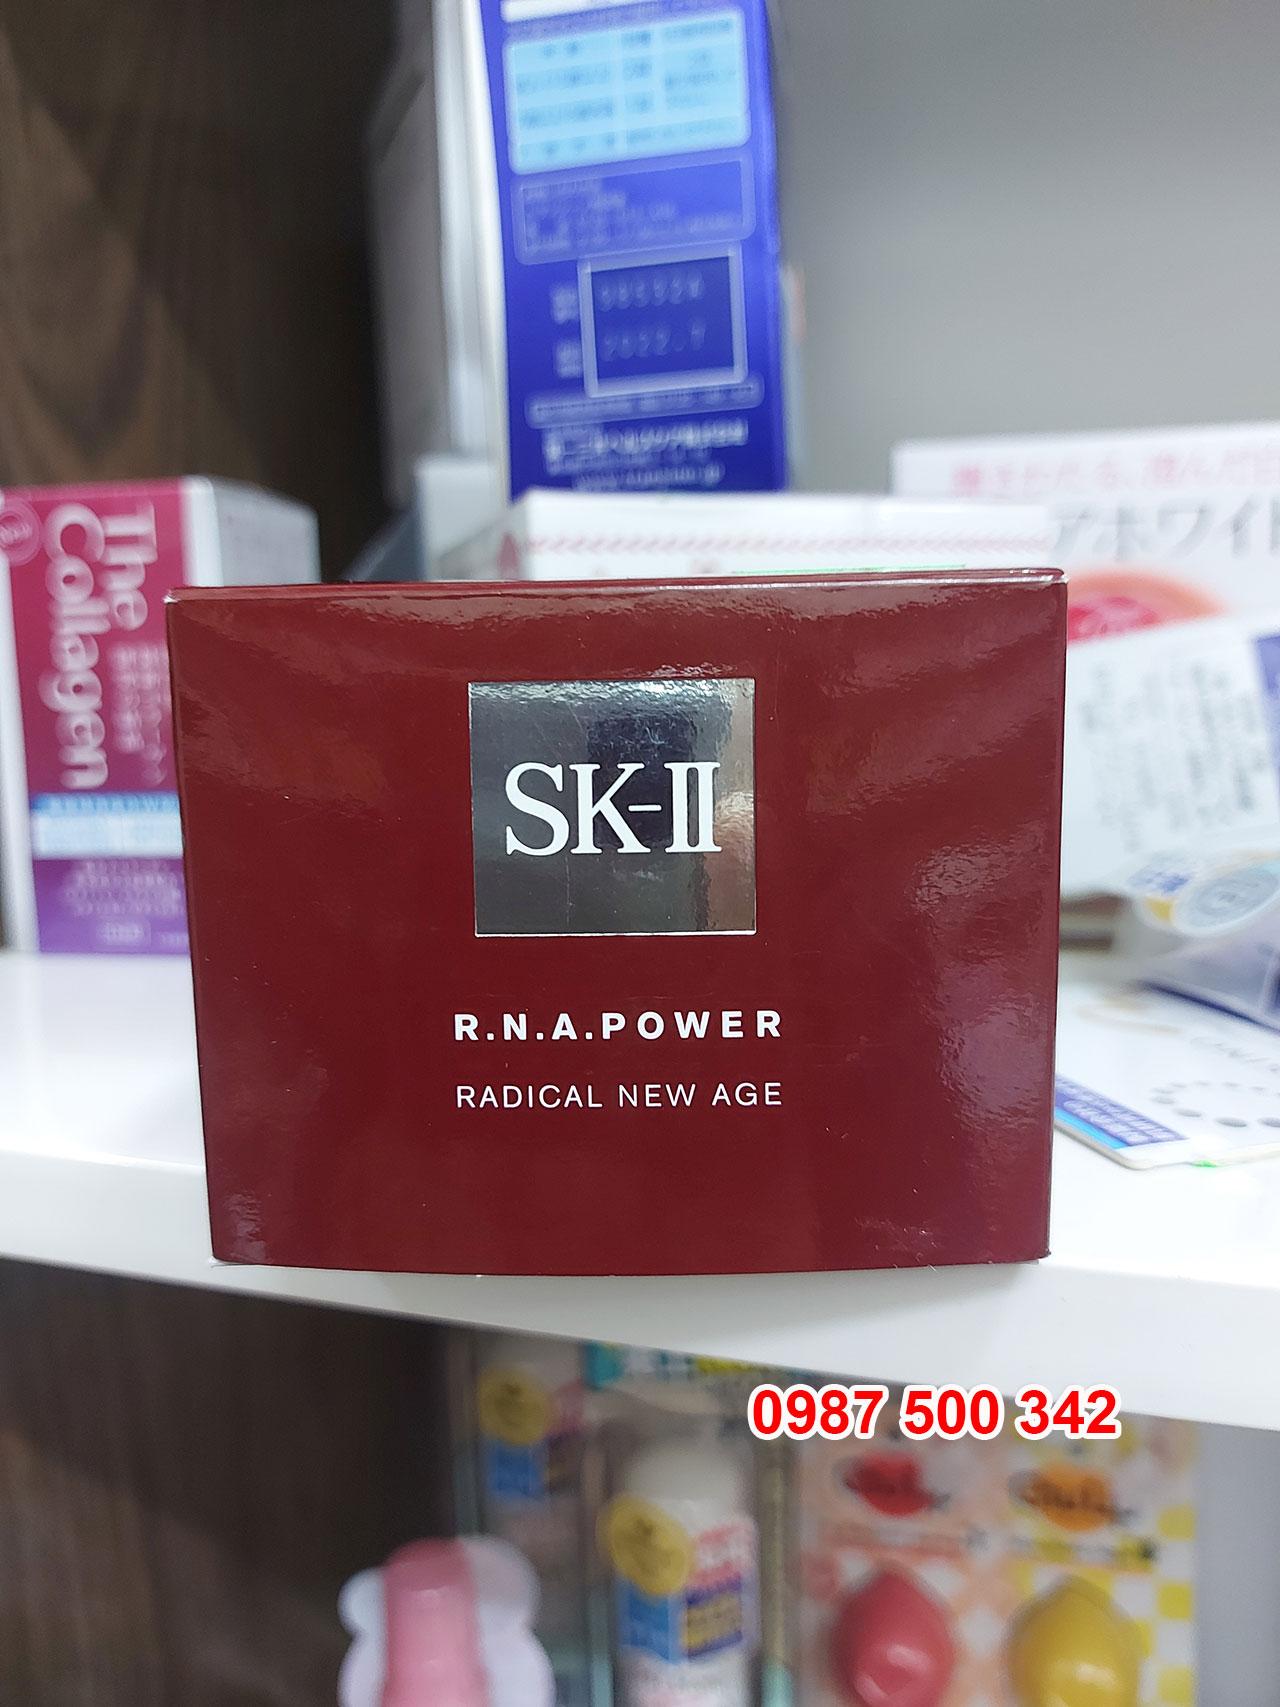 Hộp kem Dưỡng Ẩm Chống Lão Hóa SK-II R.N.A Power Radical New Age